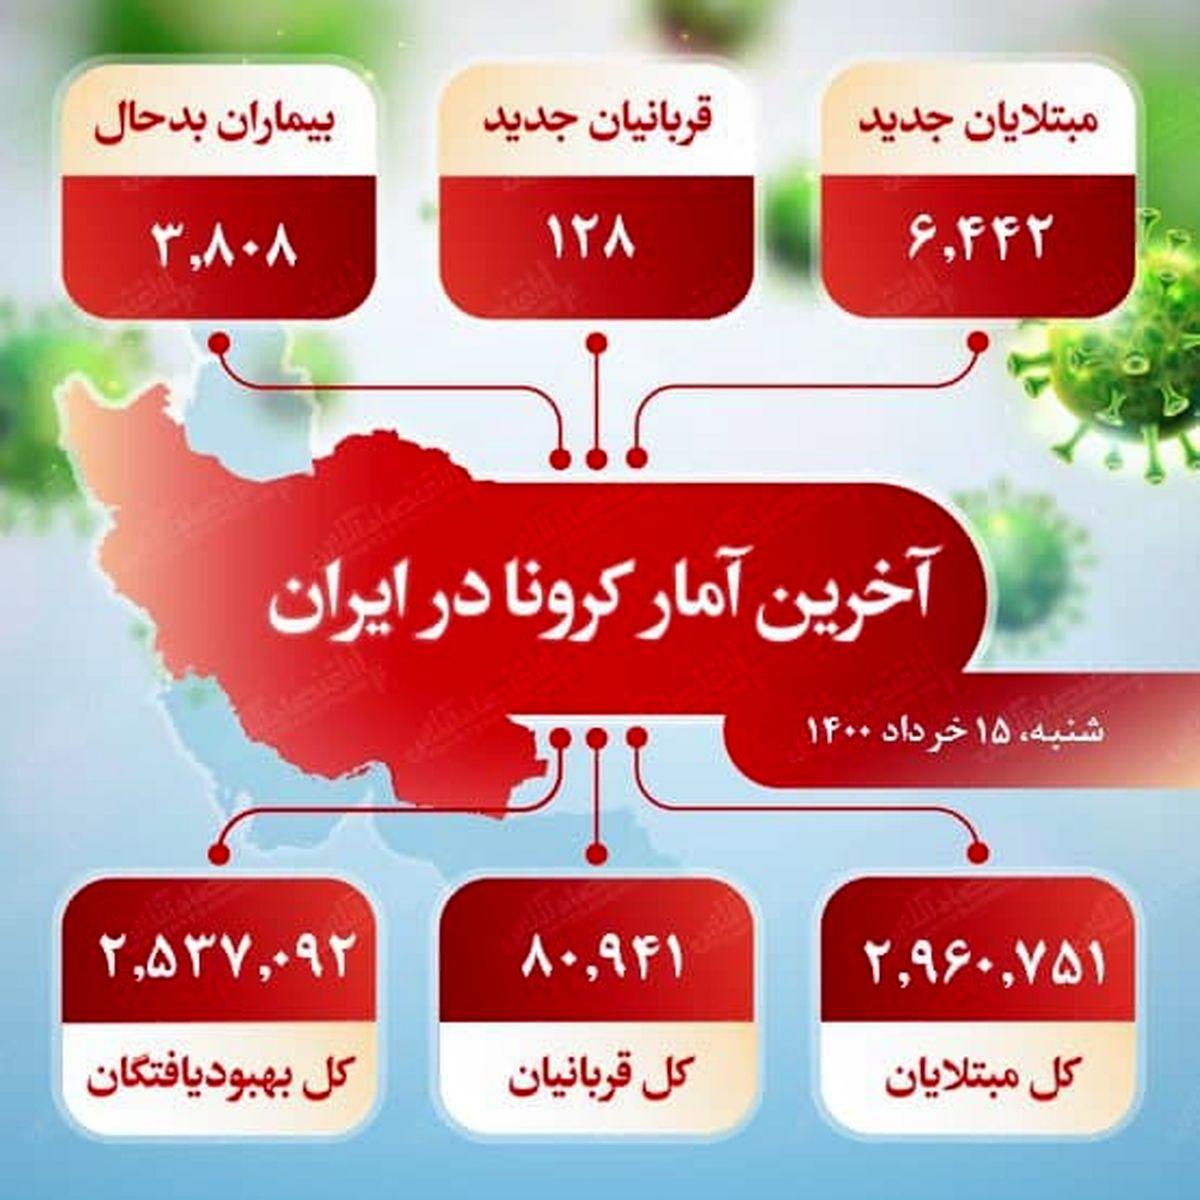 آخرین آمار کرونا در ایران (۱۴۰۰/۳/۱۵)